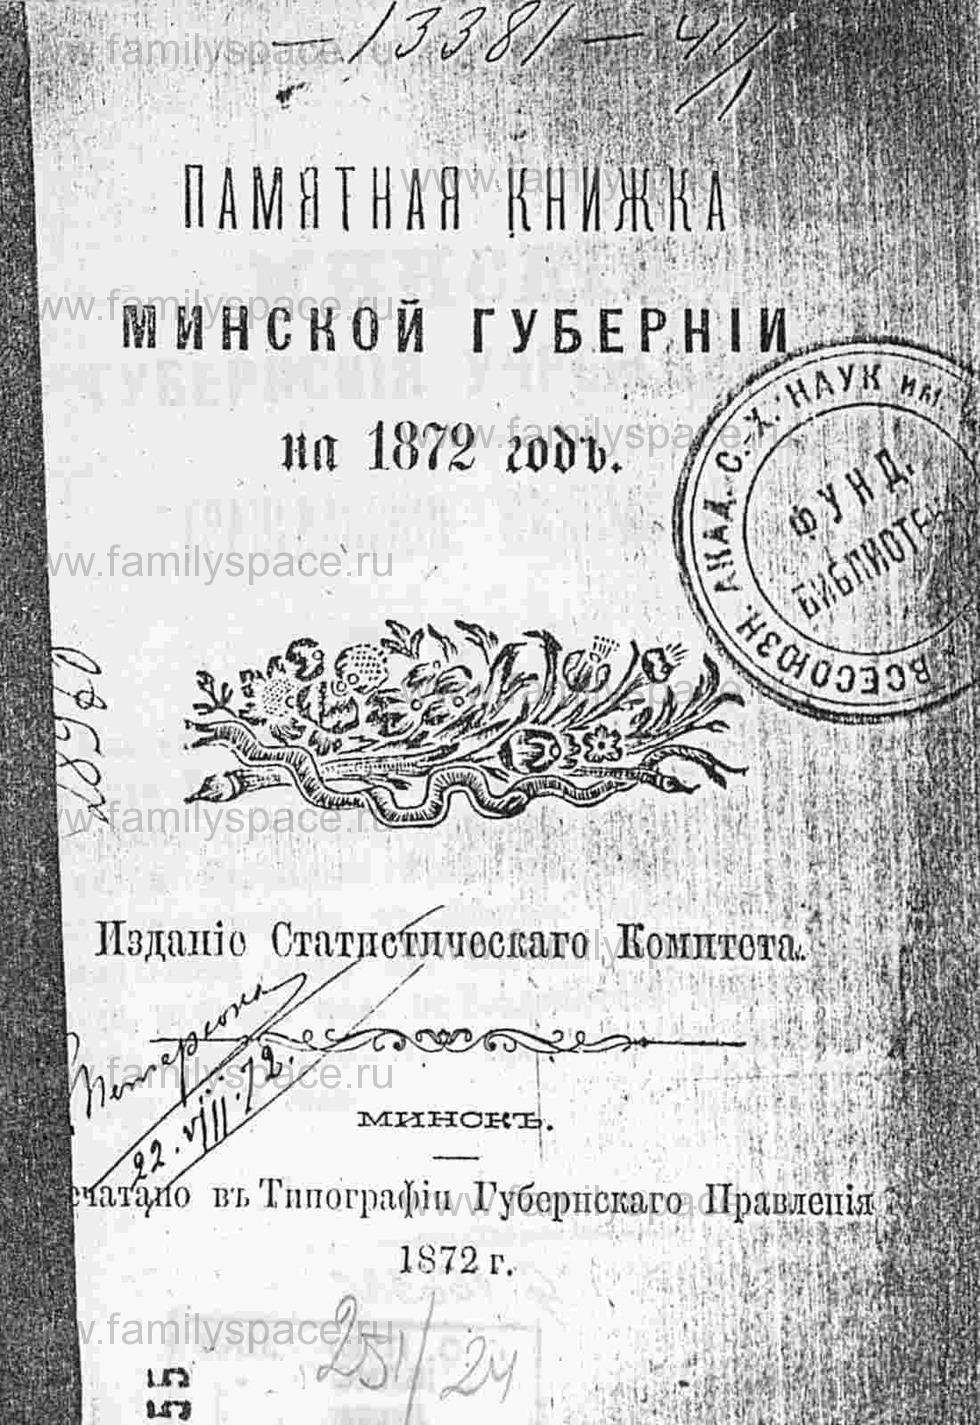 Поиск по фамилии - Памятная книжка Минской губернии на 1872 год, страница 4